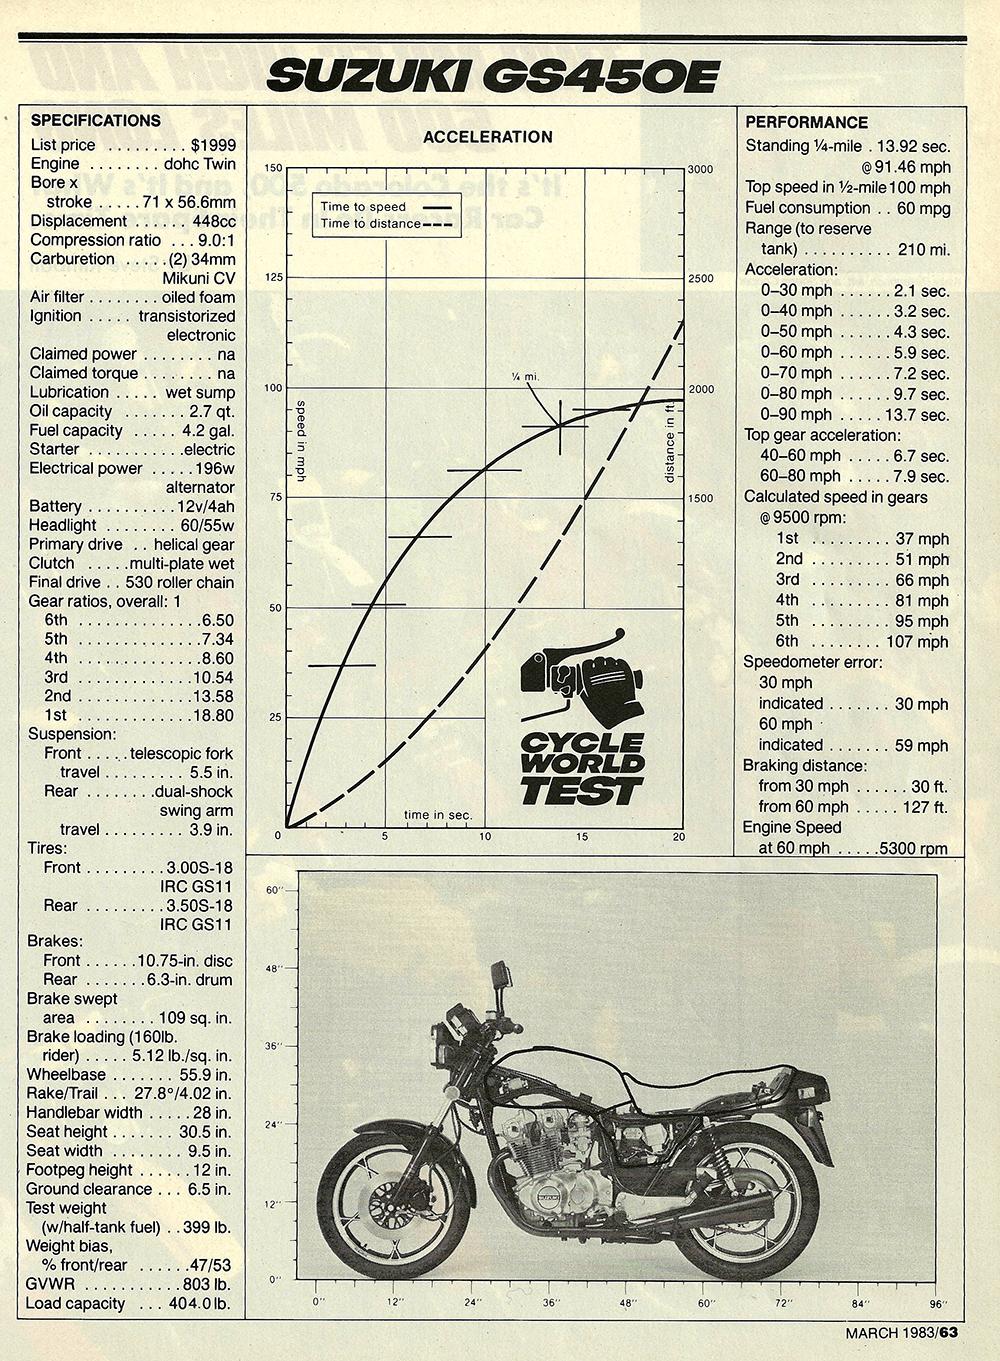 1983 Suzuki gs450e 04.jpg